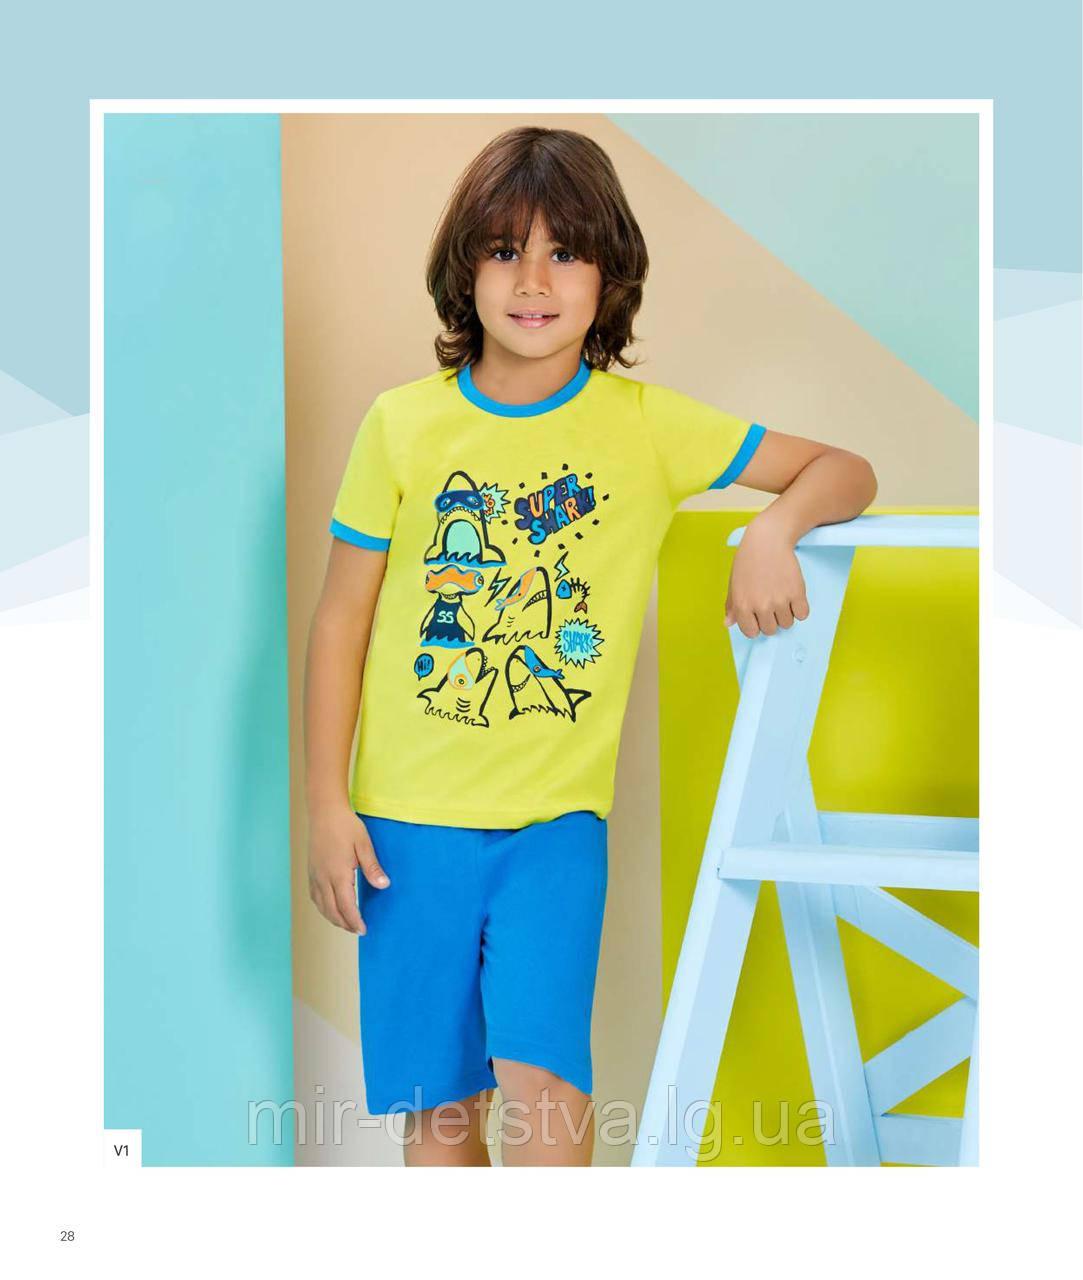 Пижама (домашний костюм) для мальчика ТМ Roly Poly р.1 год (86 см) желтый